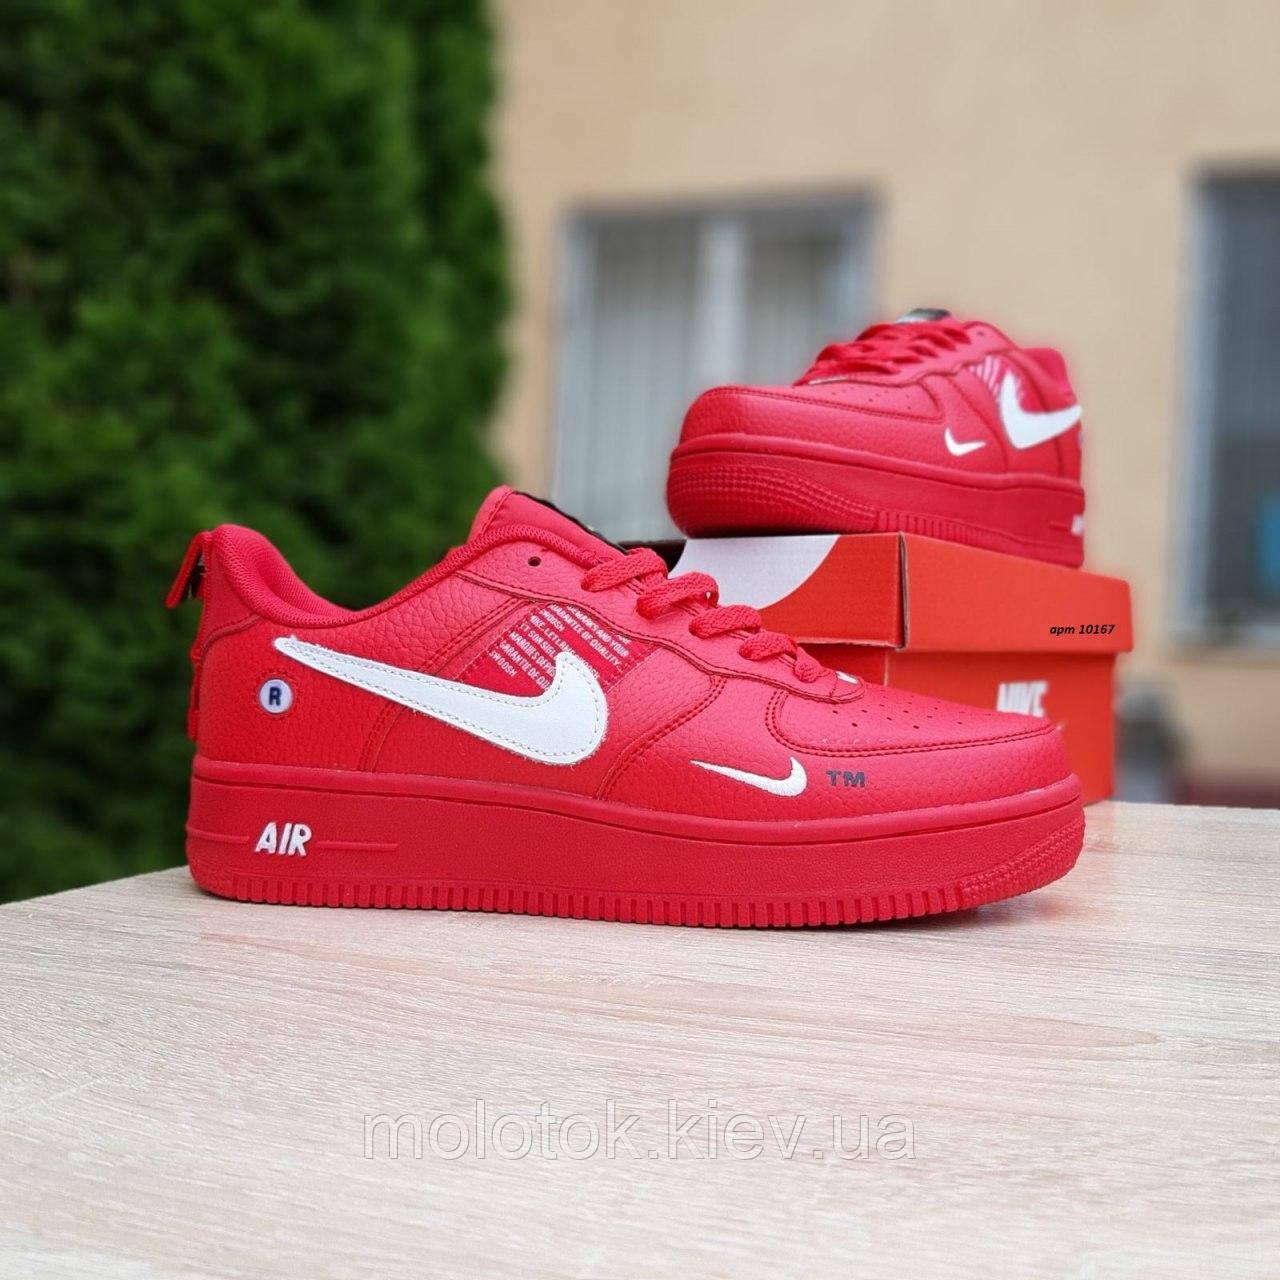 Чоловічі кросівки в стилі Nike Air Force 1 LV8 низькі червоні (біла кома)